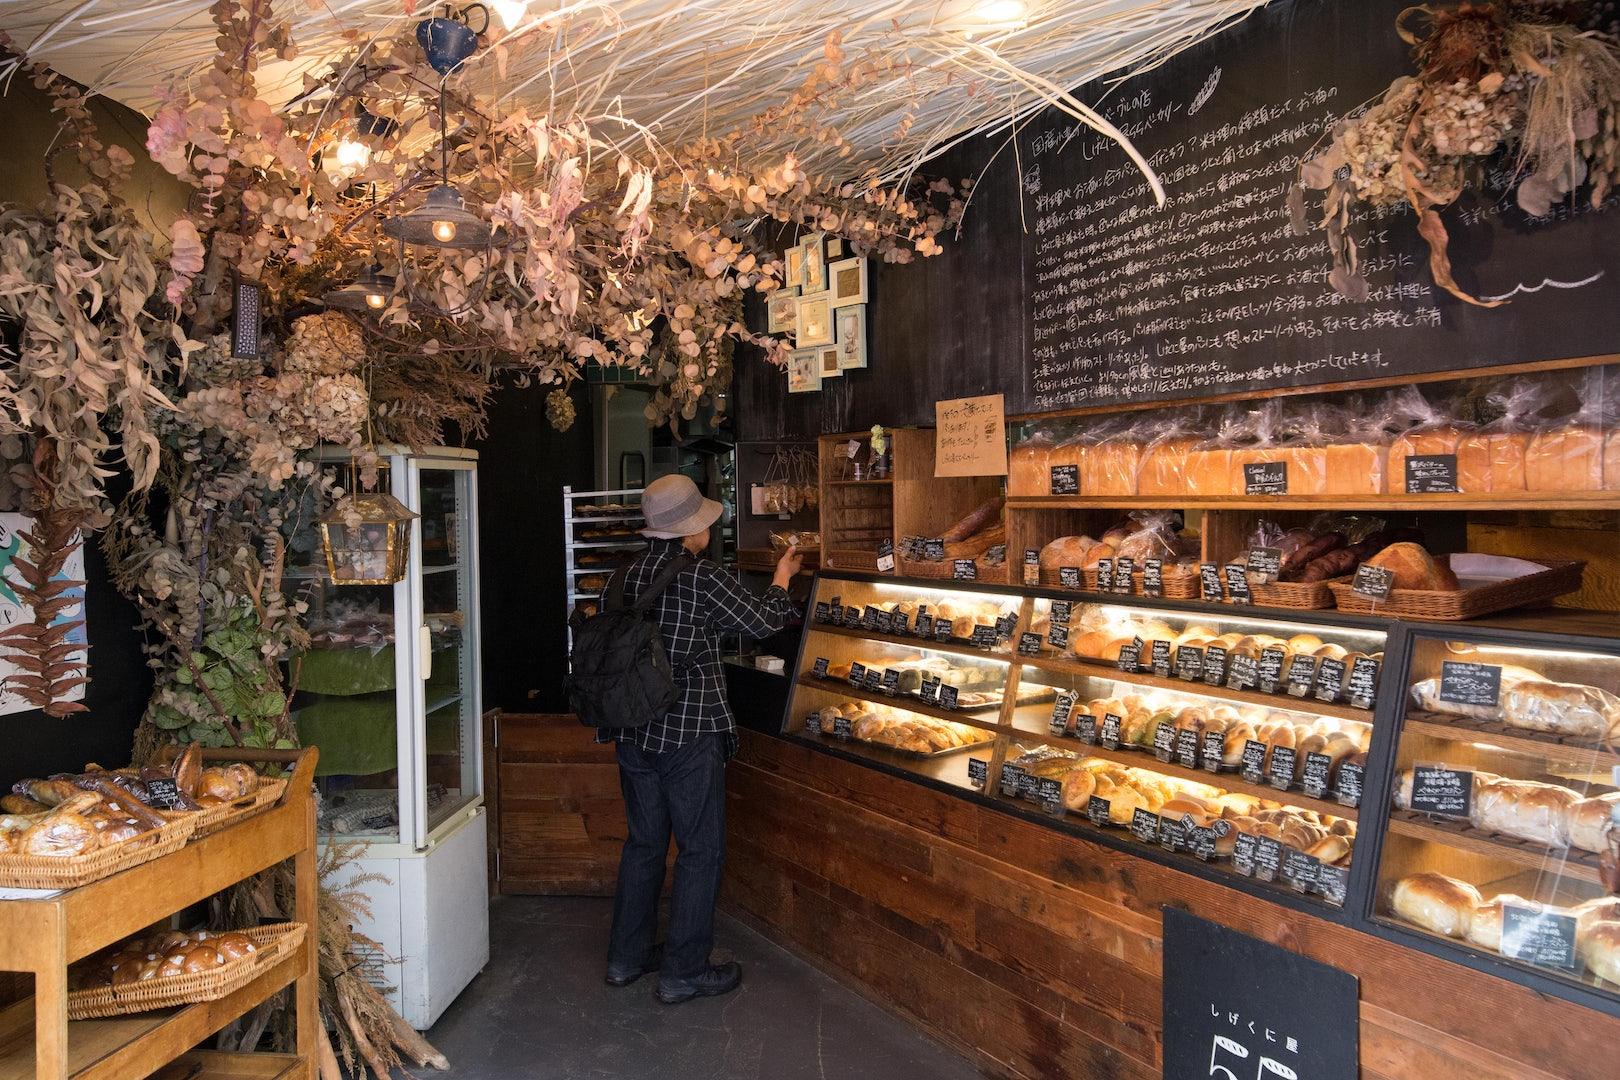 bread and pastries displayed at Shigekuniya 55 Bakery